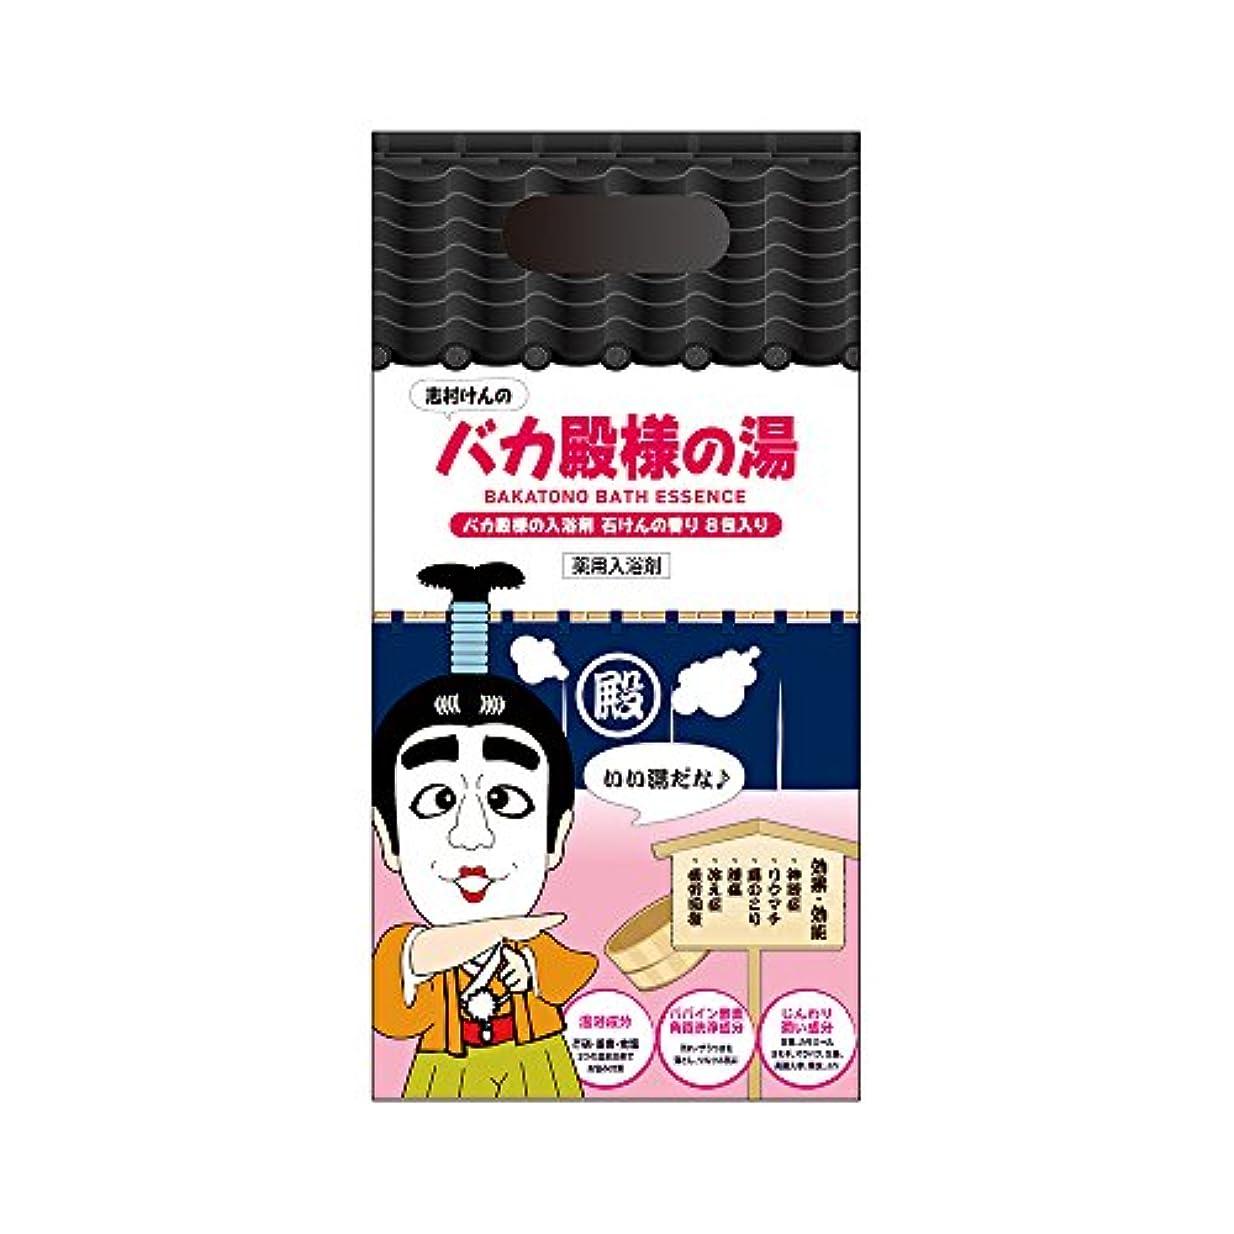 無声でキノコ欺く志村けんのバカ殿様の湯 バカ殿様の入浴剤 石けんの香り (25g × 8包入り)